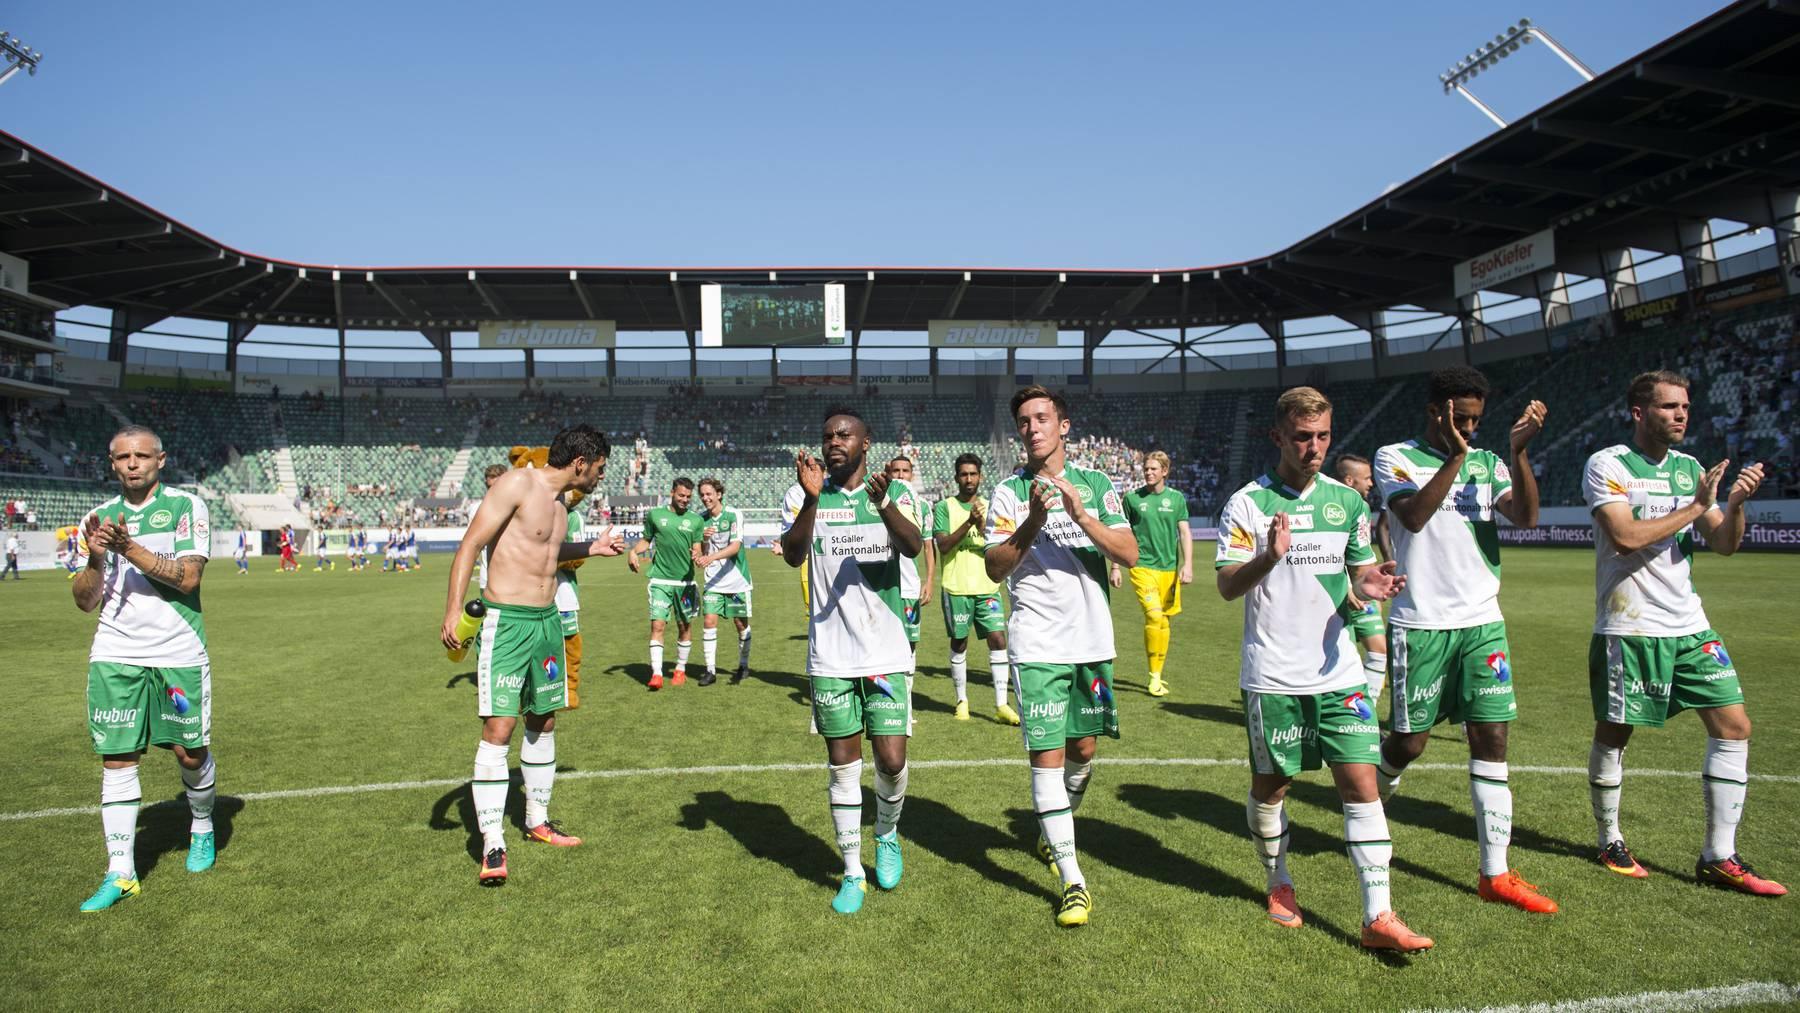 Die Spieler bedanken sich nach dem Spiel bei den Fans.